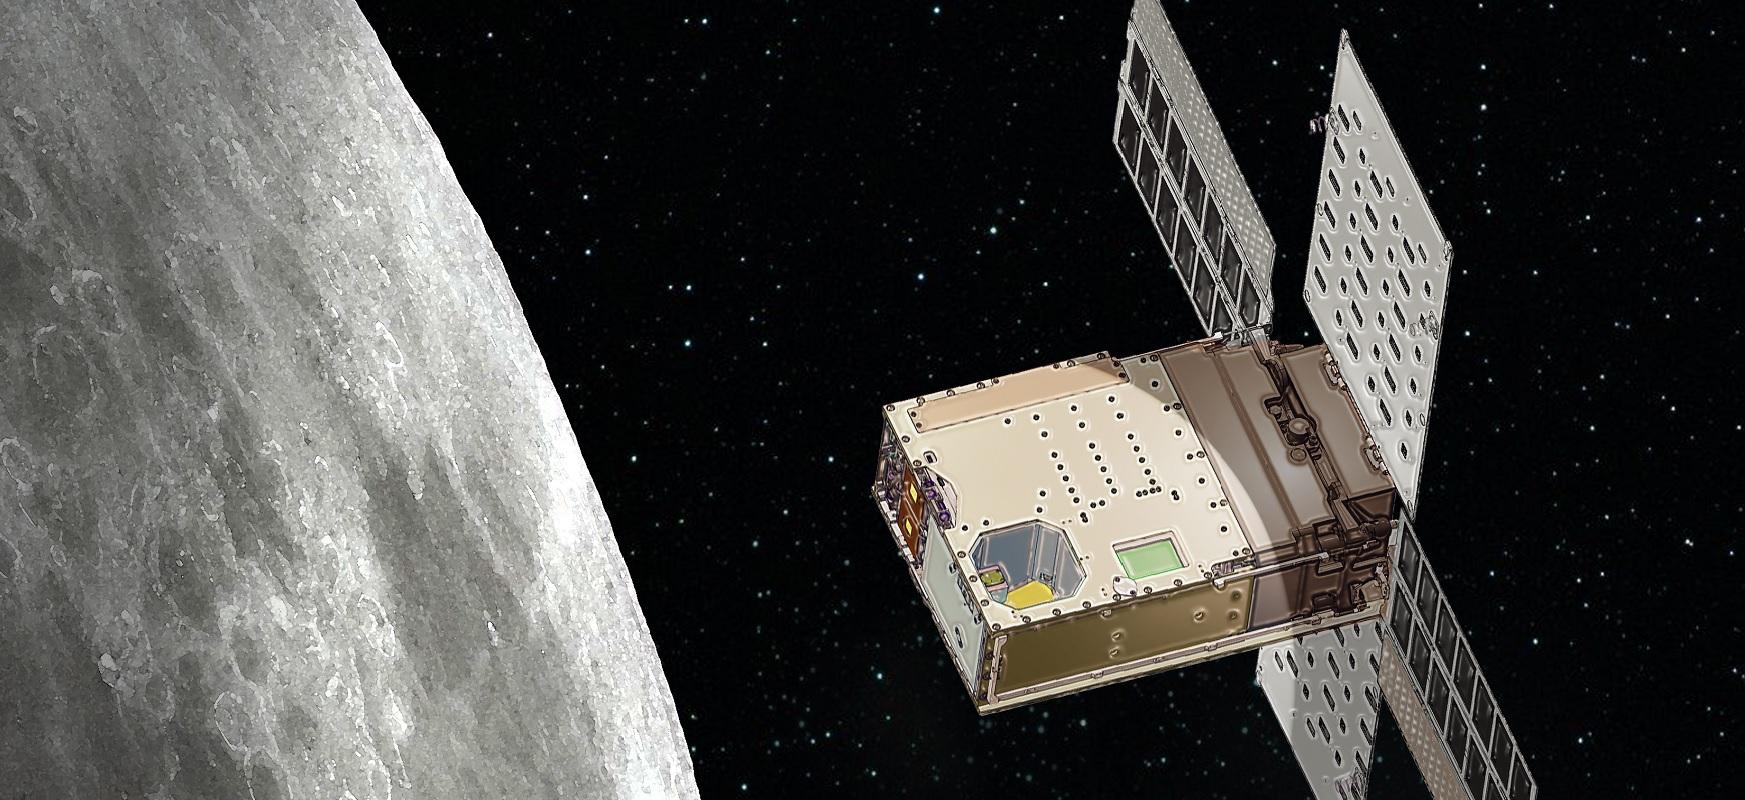 Cubesats ilargira hegan egingo dute Artemisa misioaren baitan.  Astronauten aurretik ere